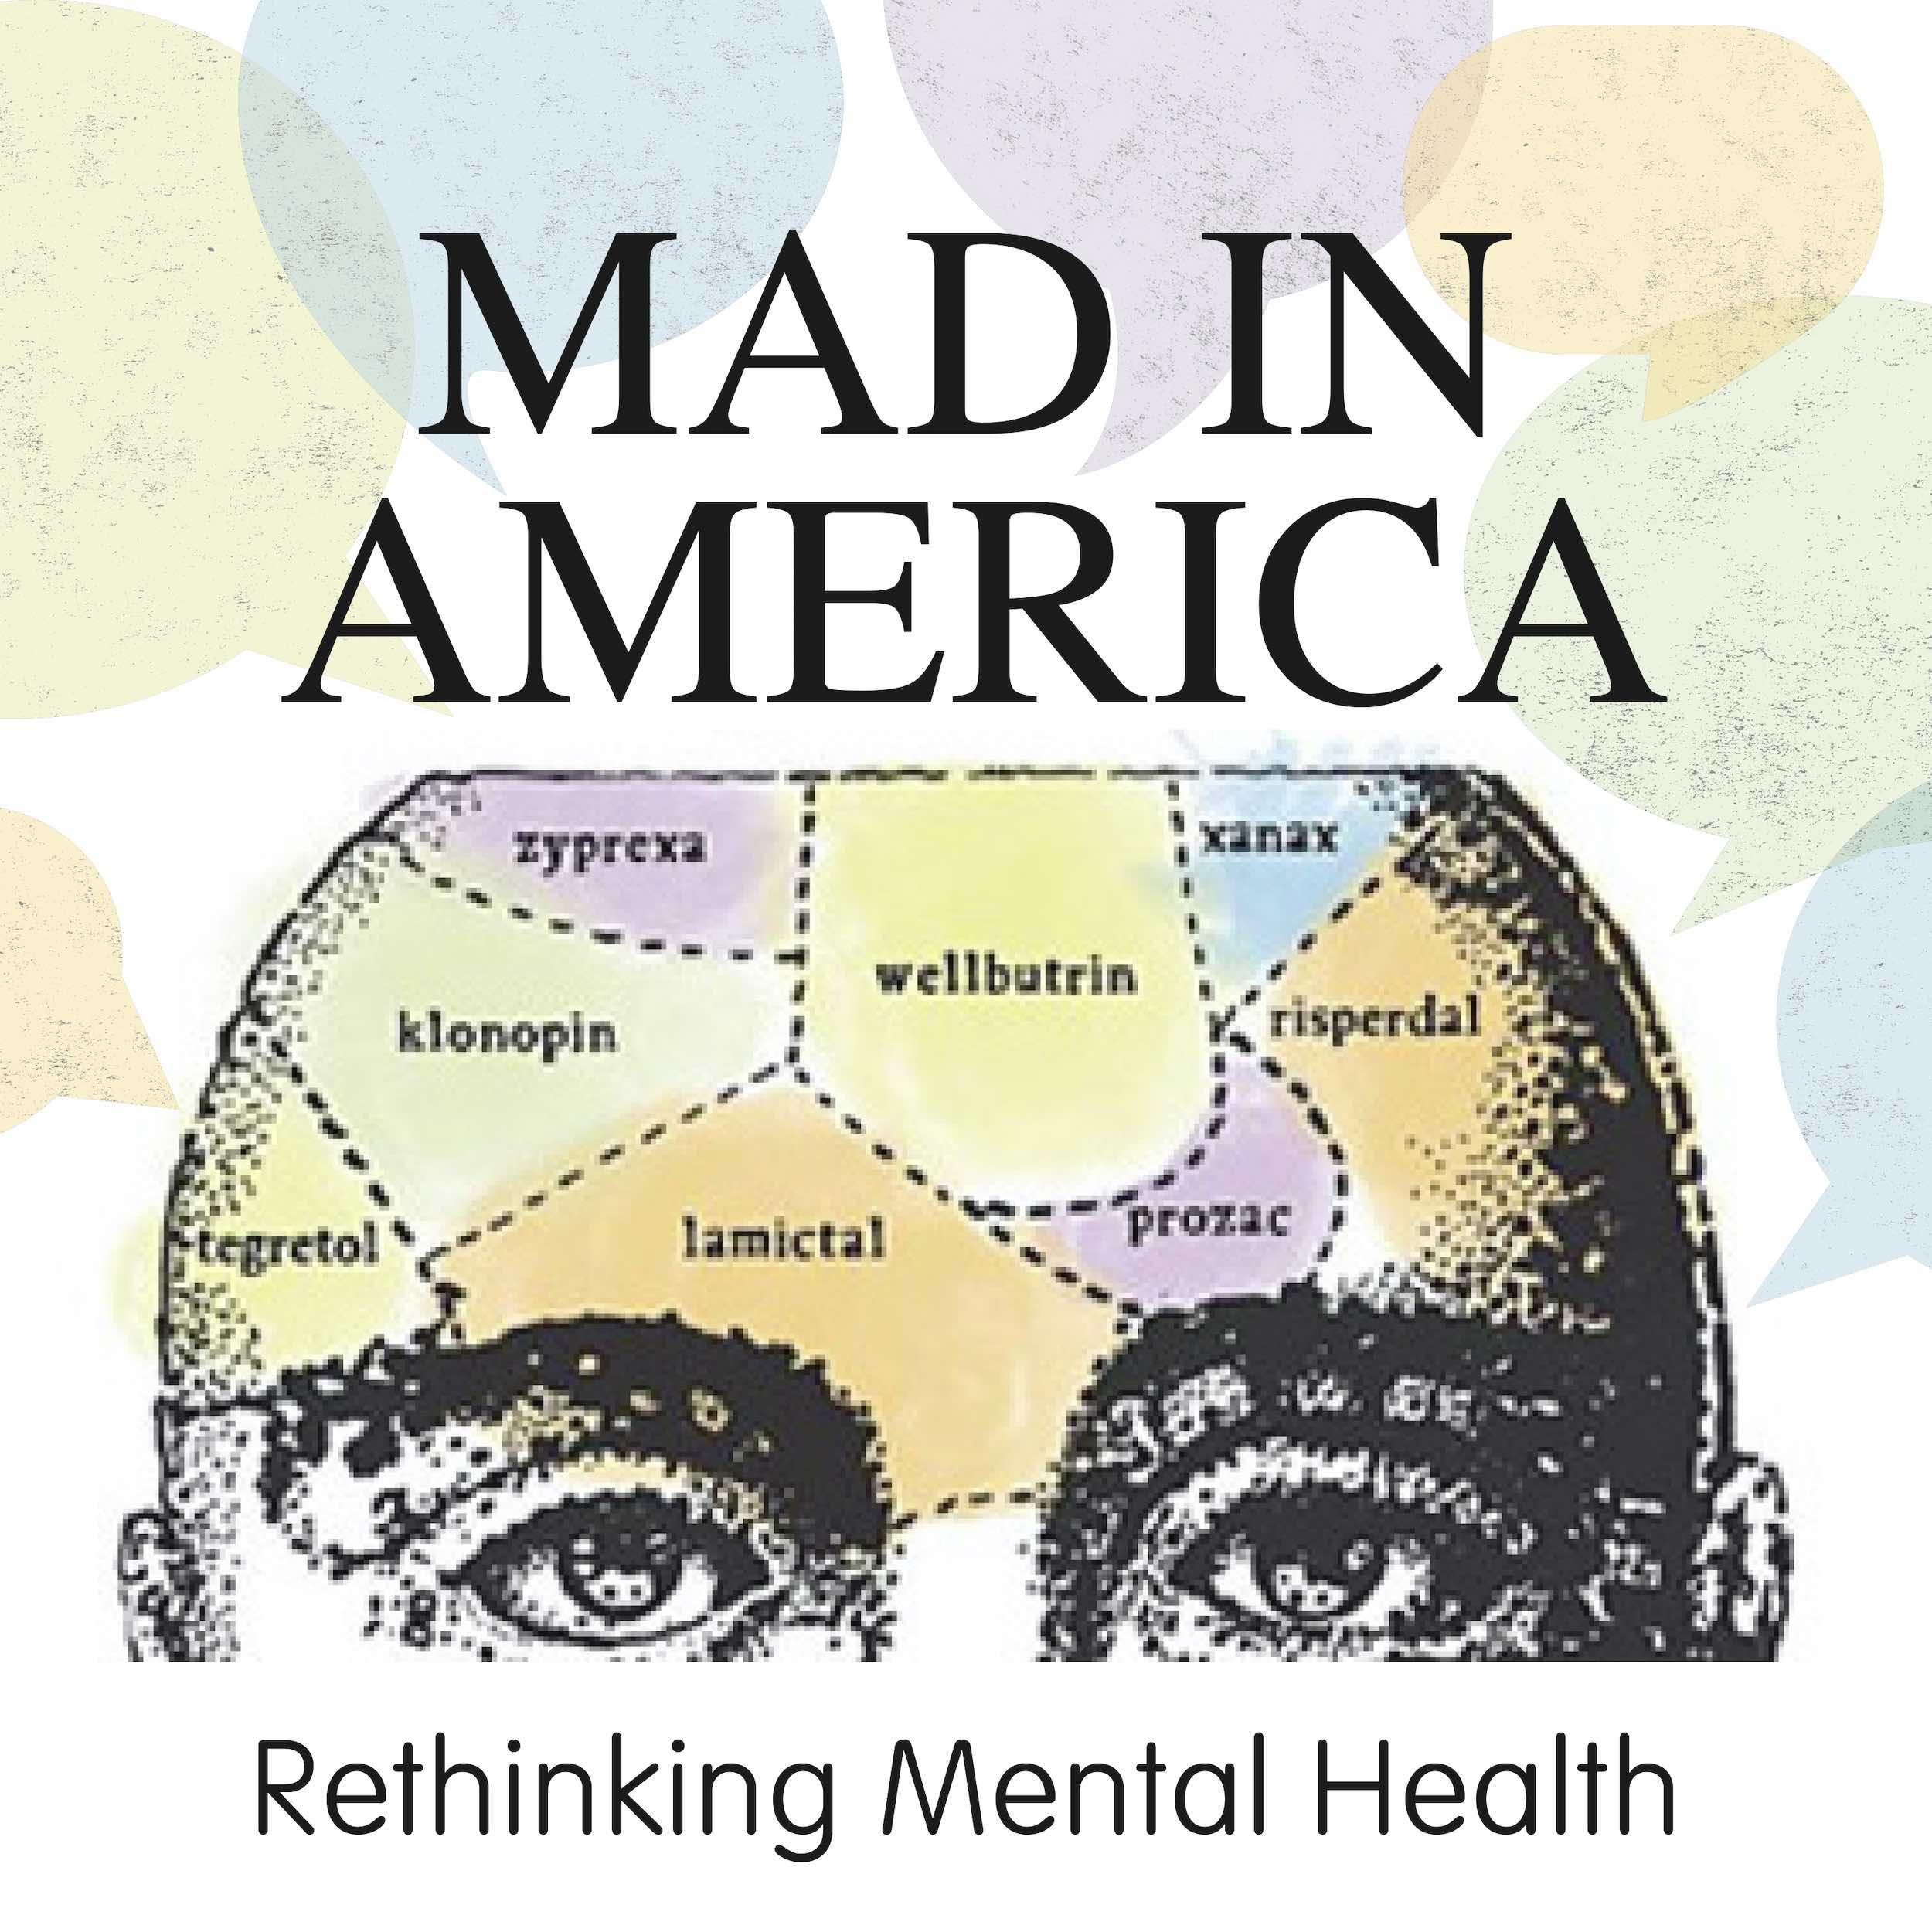 Jim Gottstein - Patient Rights in Mental Healthcare